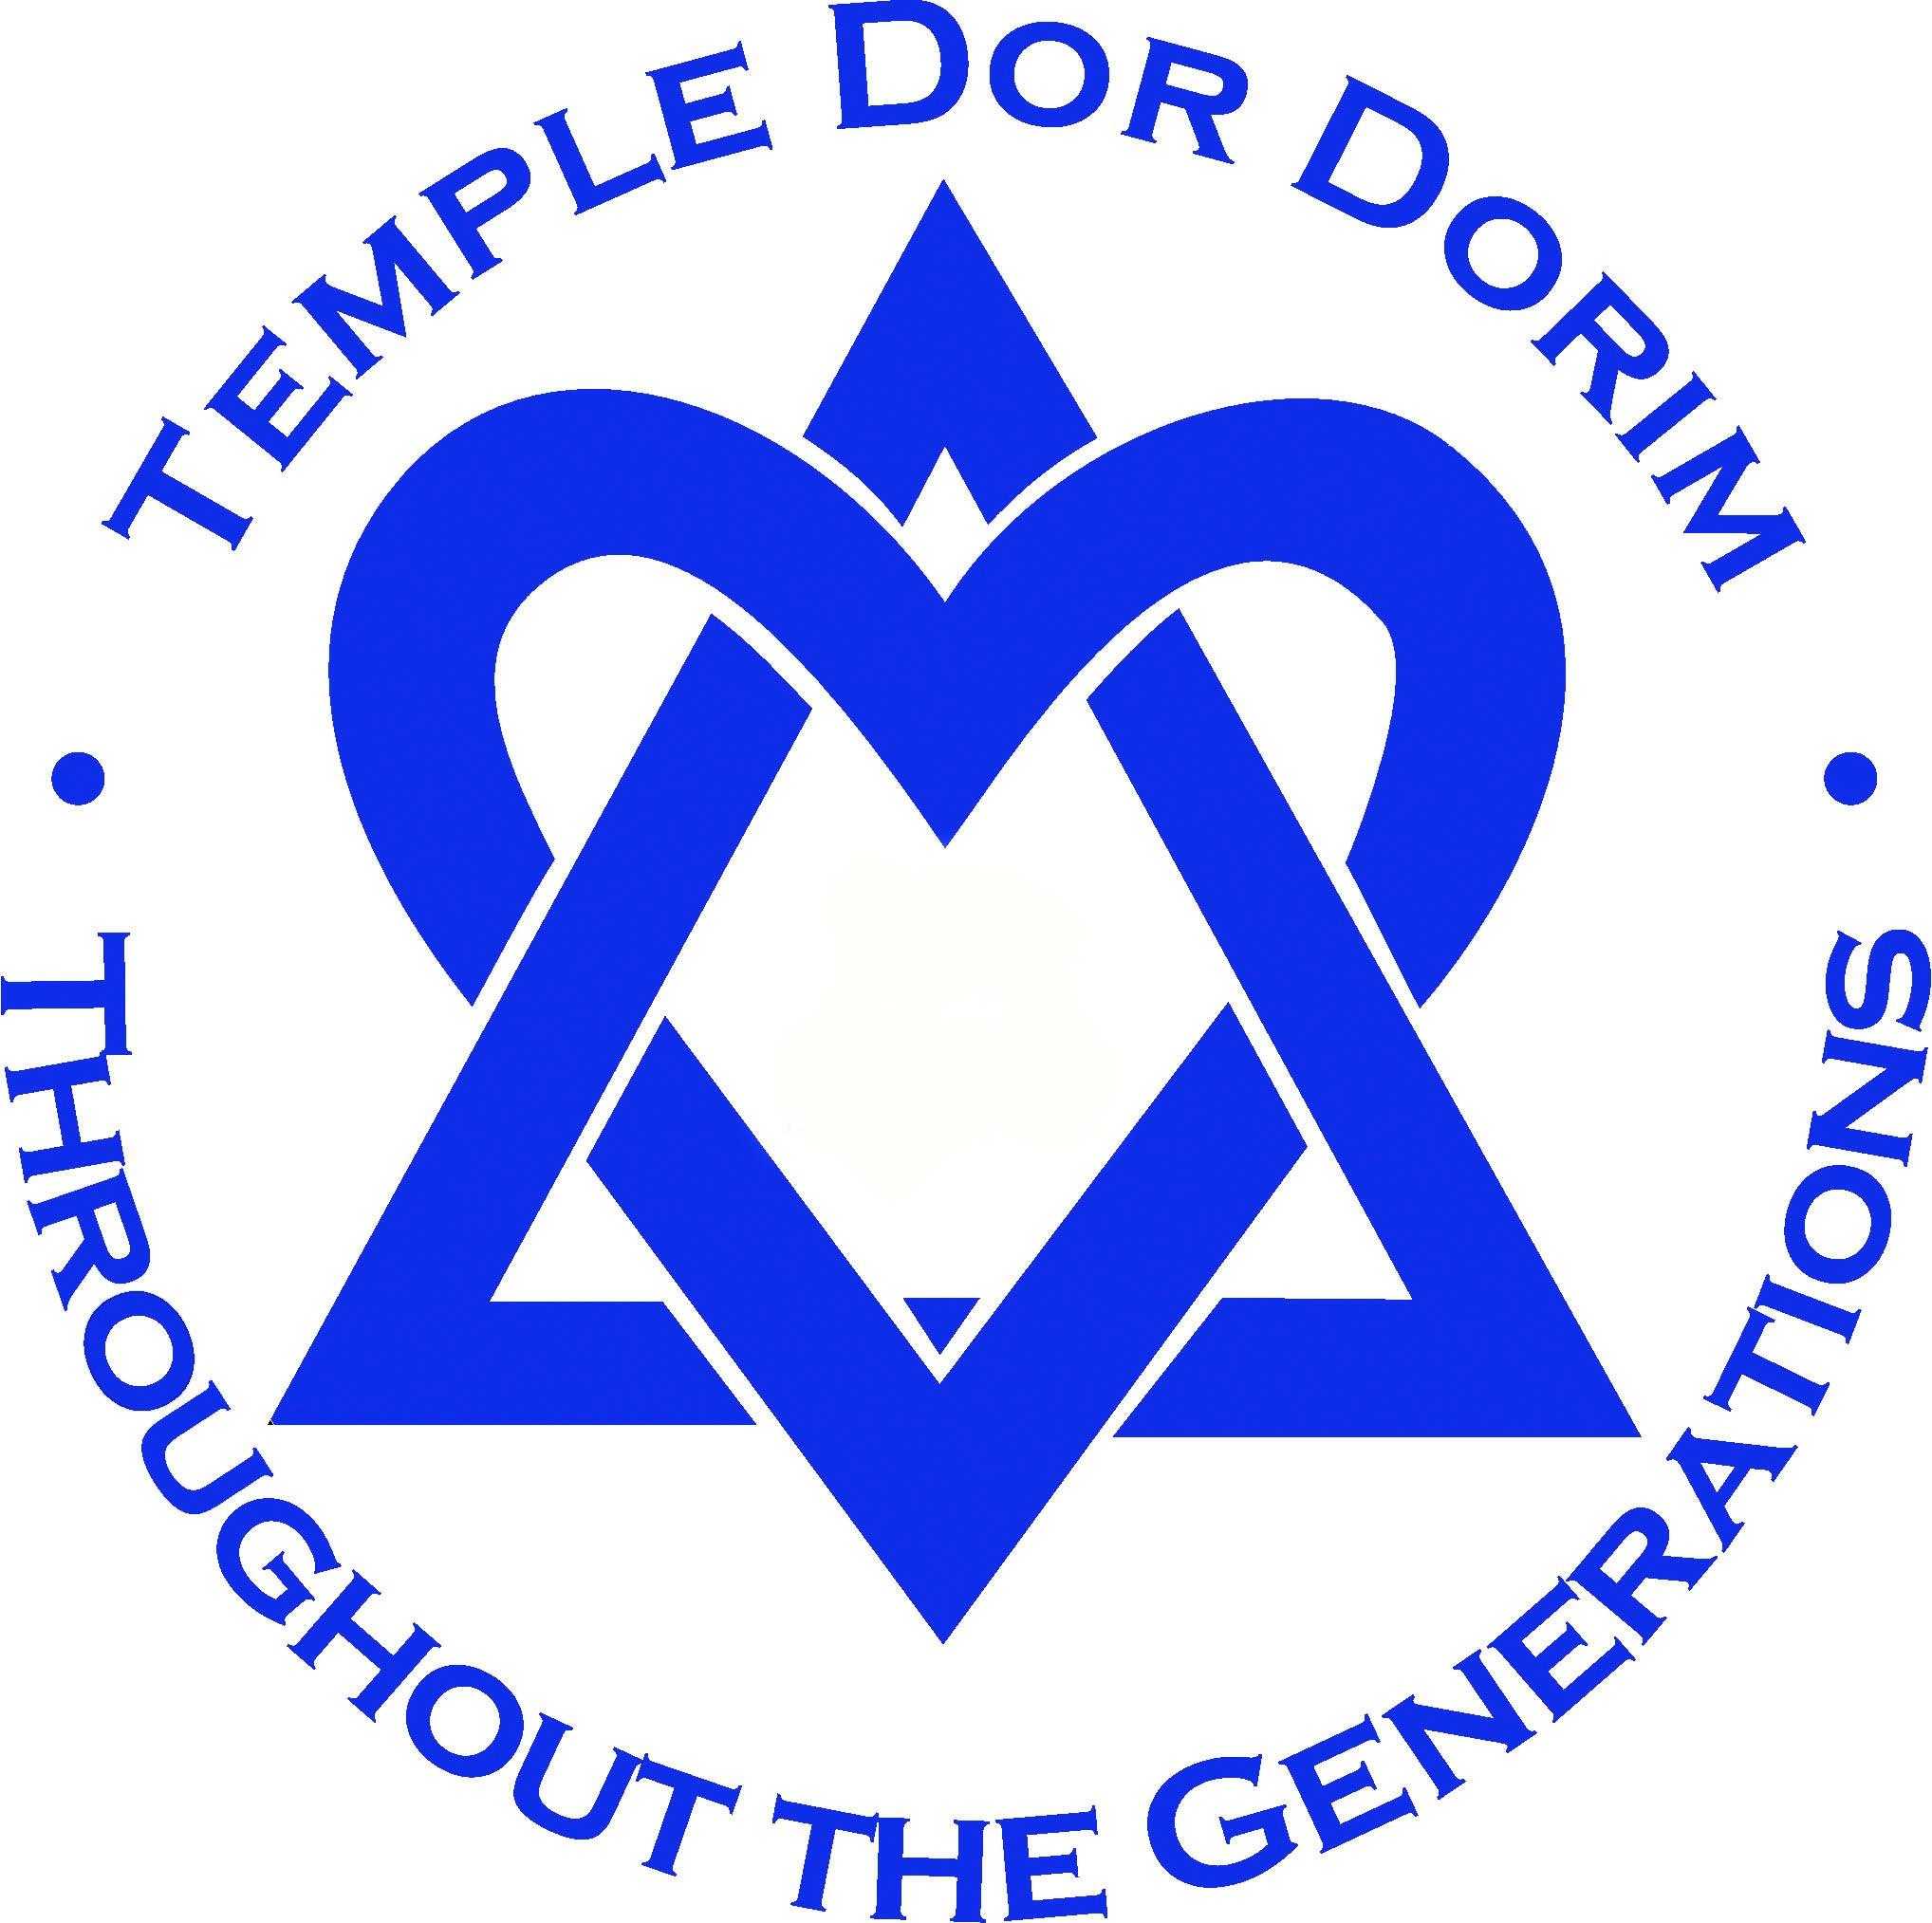 templedordorimlogo